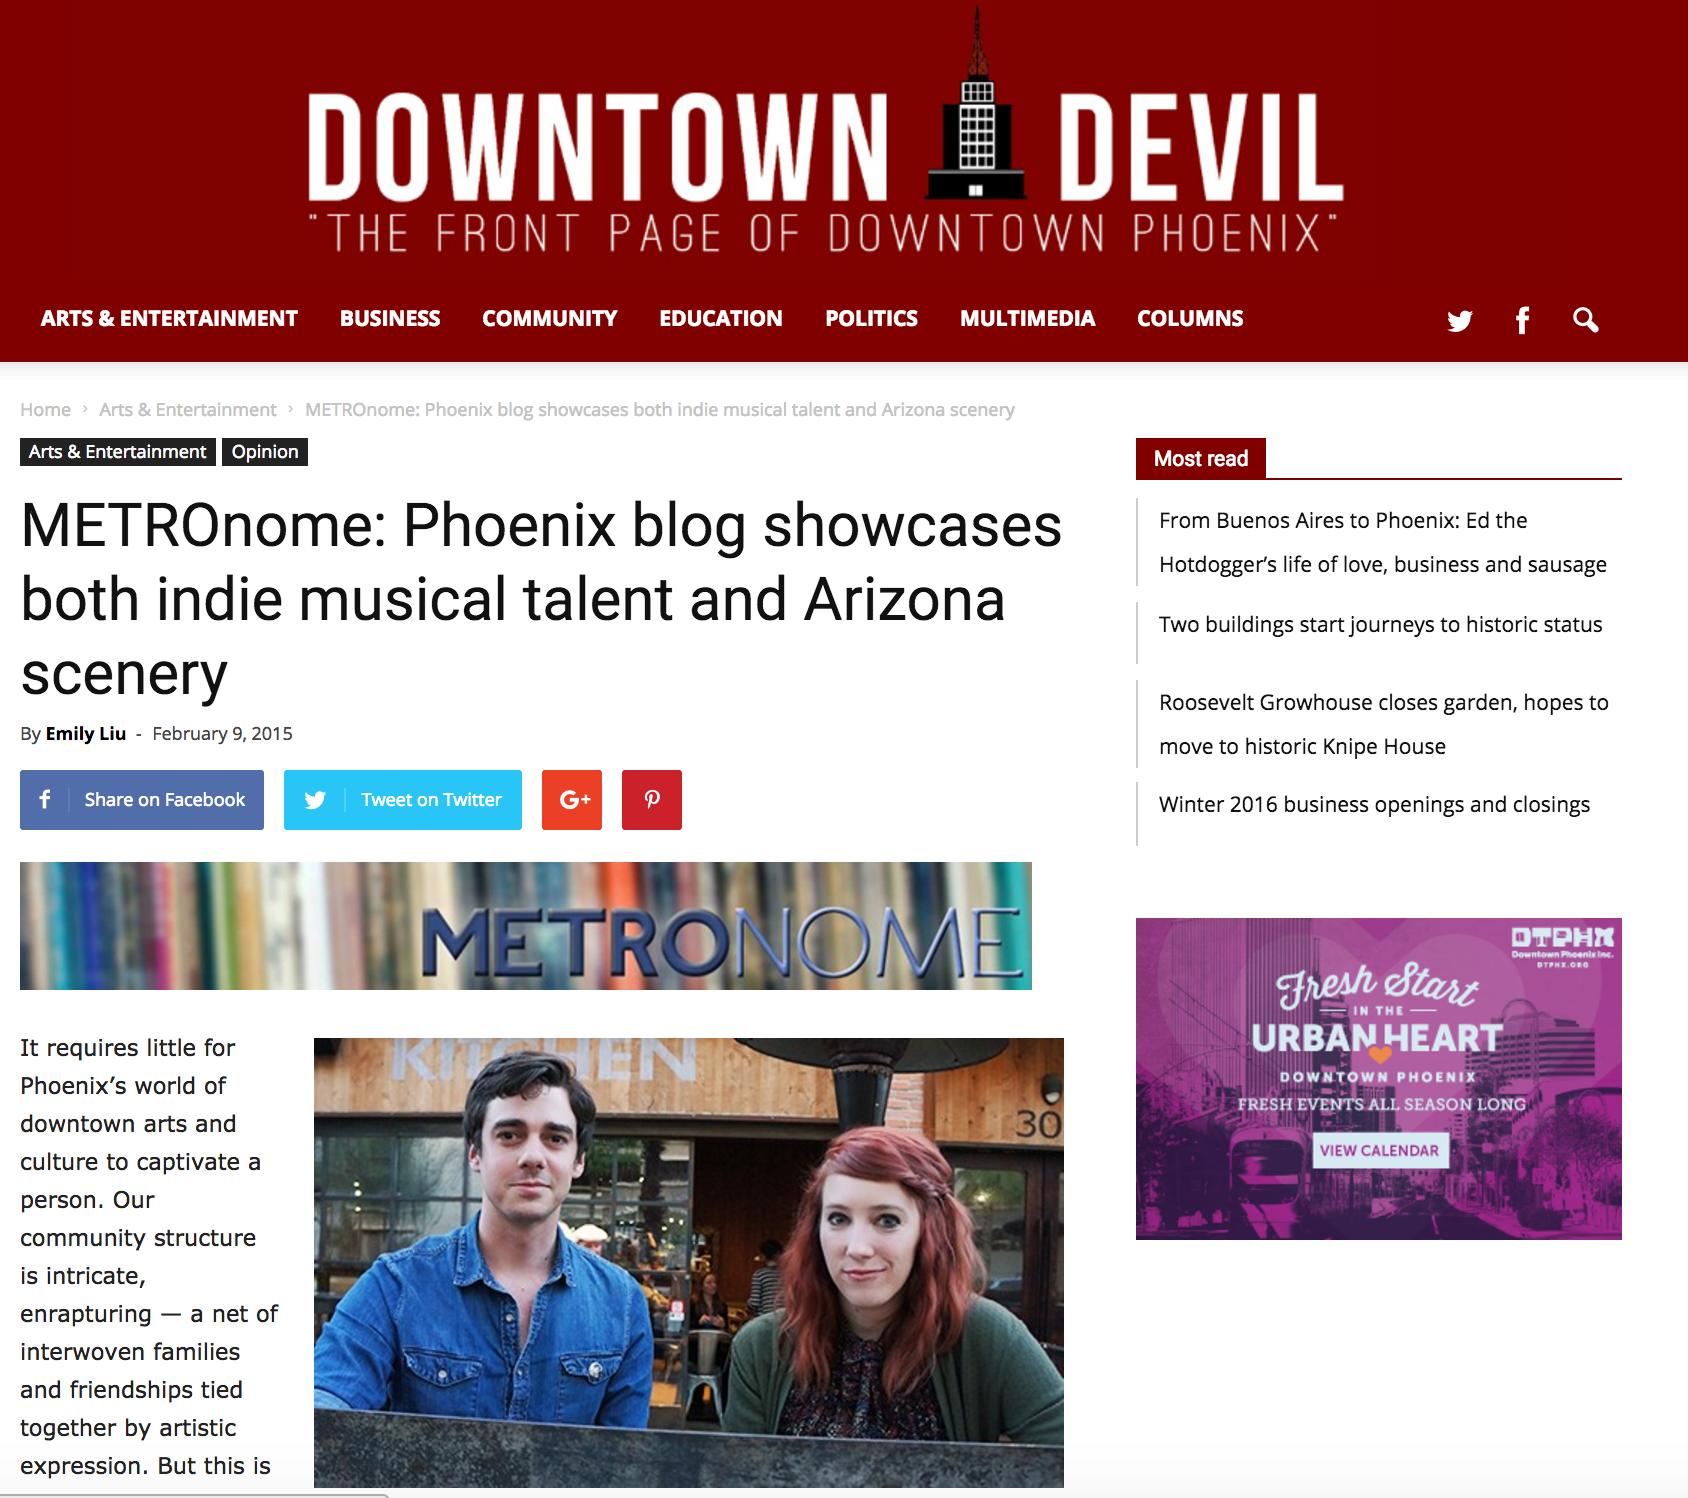 Downtown Devil - Underground Alt